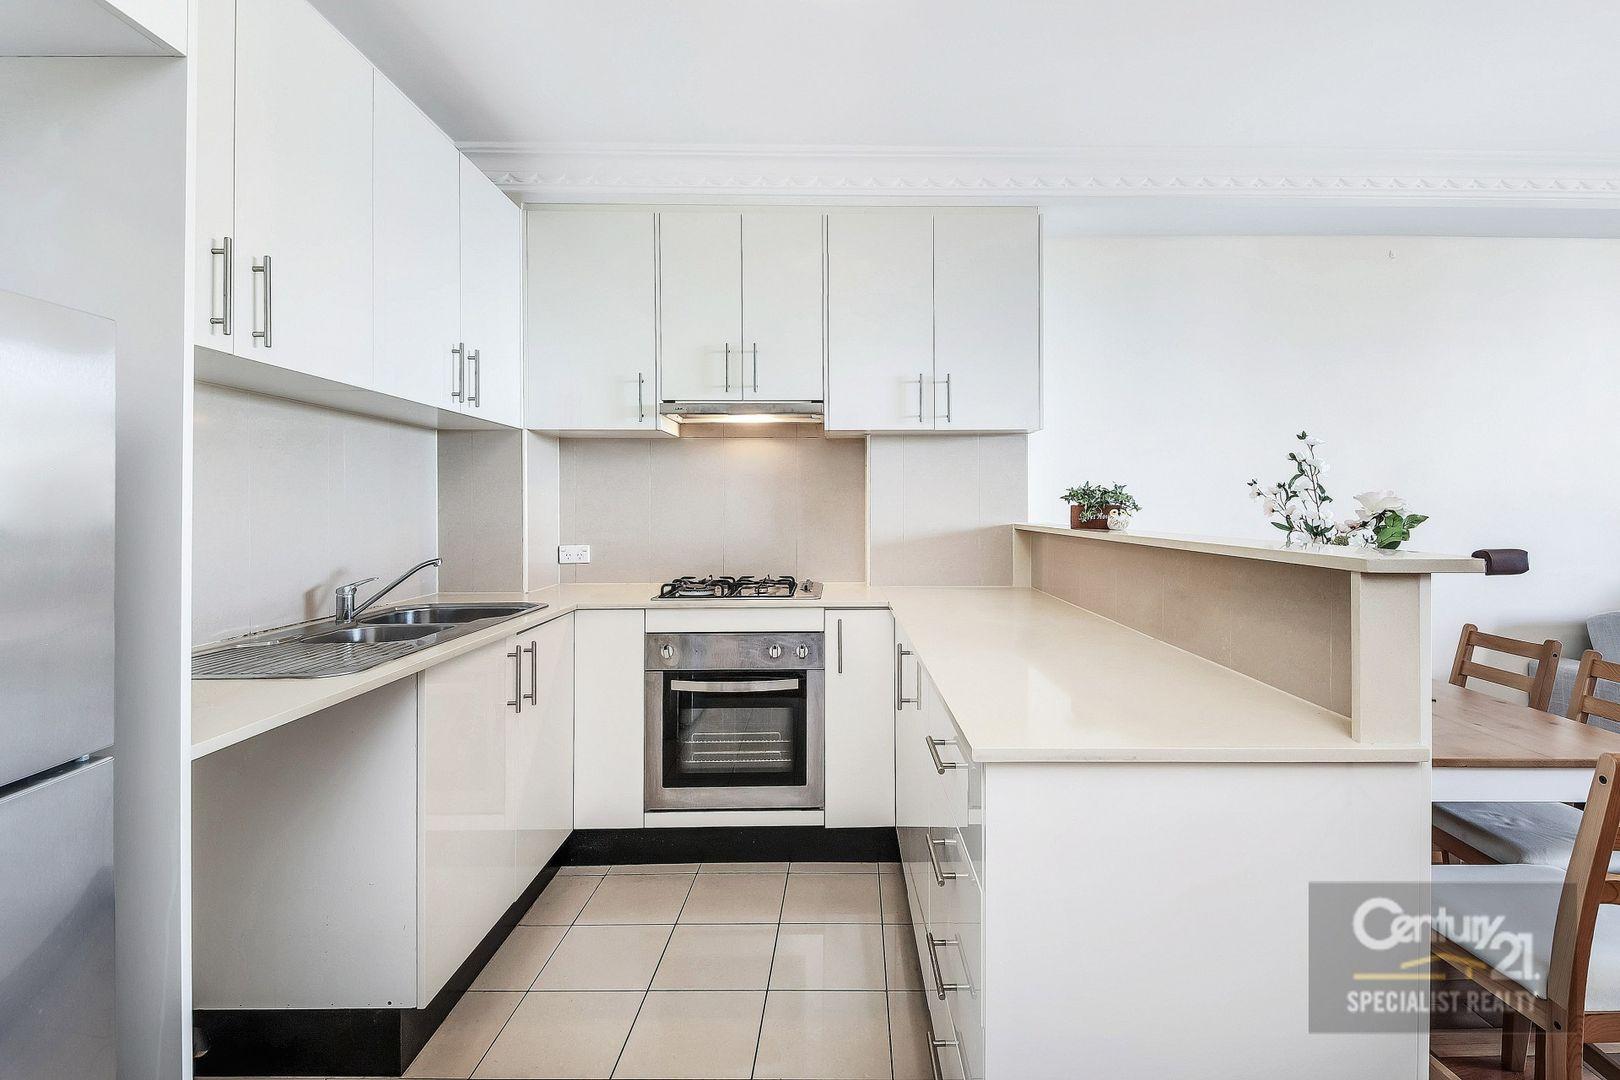 6/1 Kensington Street, Kogarah NSW 2217, Image 1